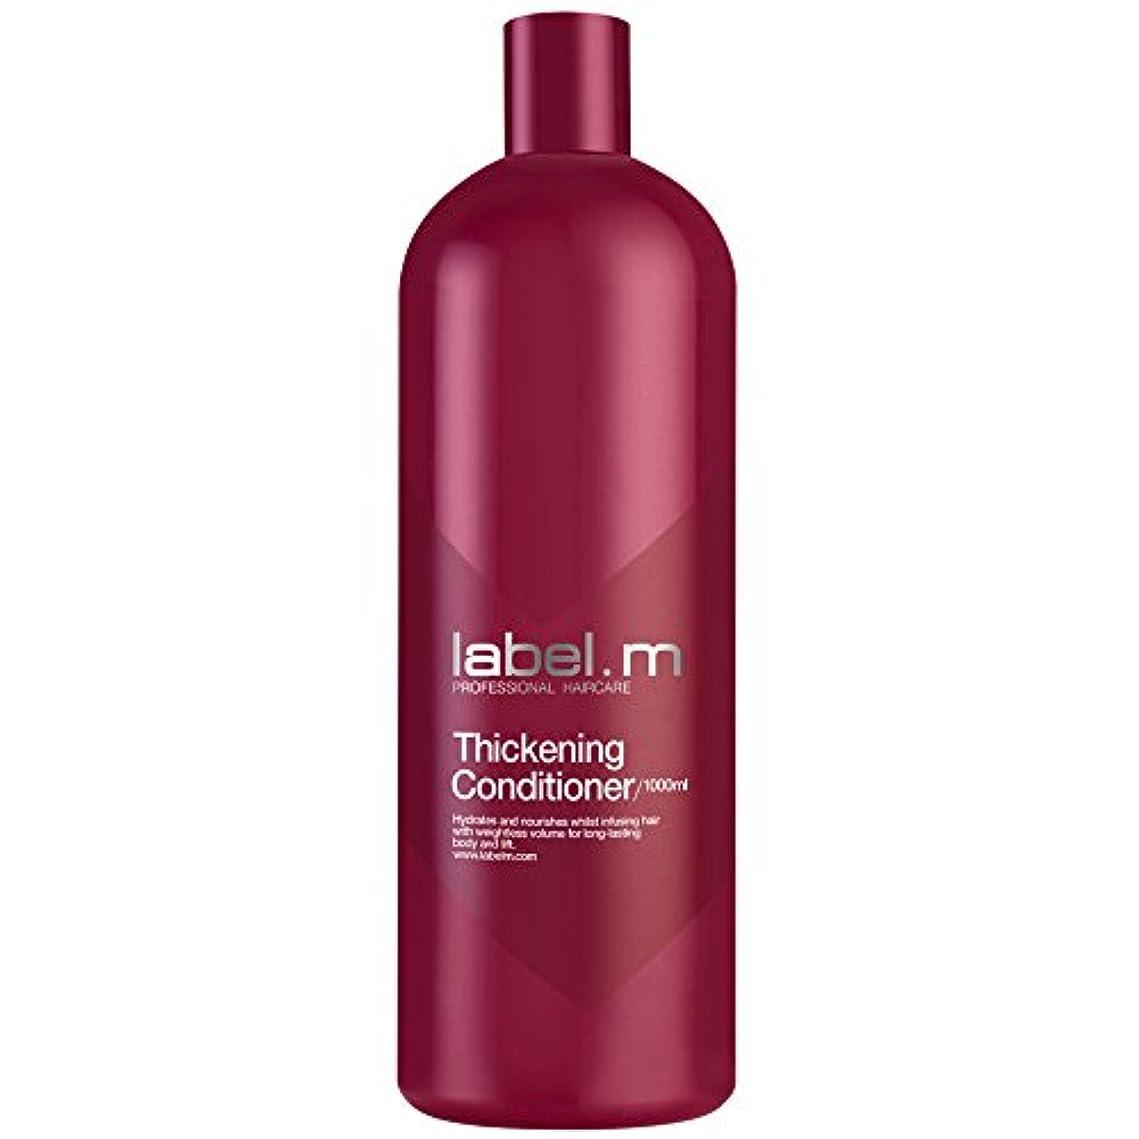 意気消沈したスカルクチャンバーレーベルエム シックニング コンディショナー (髪に潤いと栄養を与えて、軽やかでコシとボリュームのある髪を長時間キープします。) 1000ml